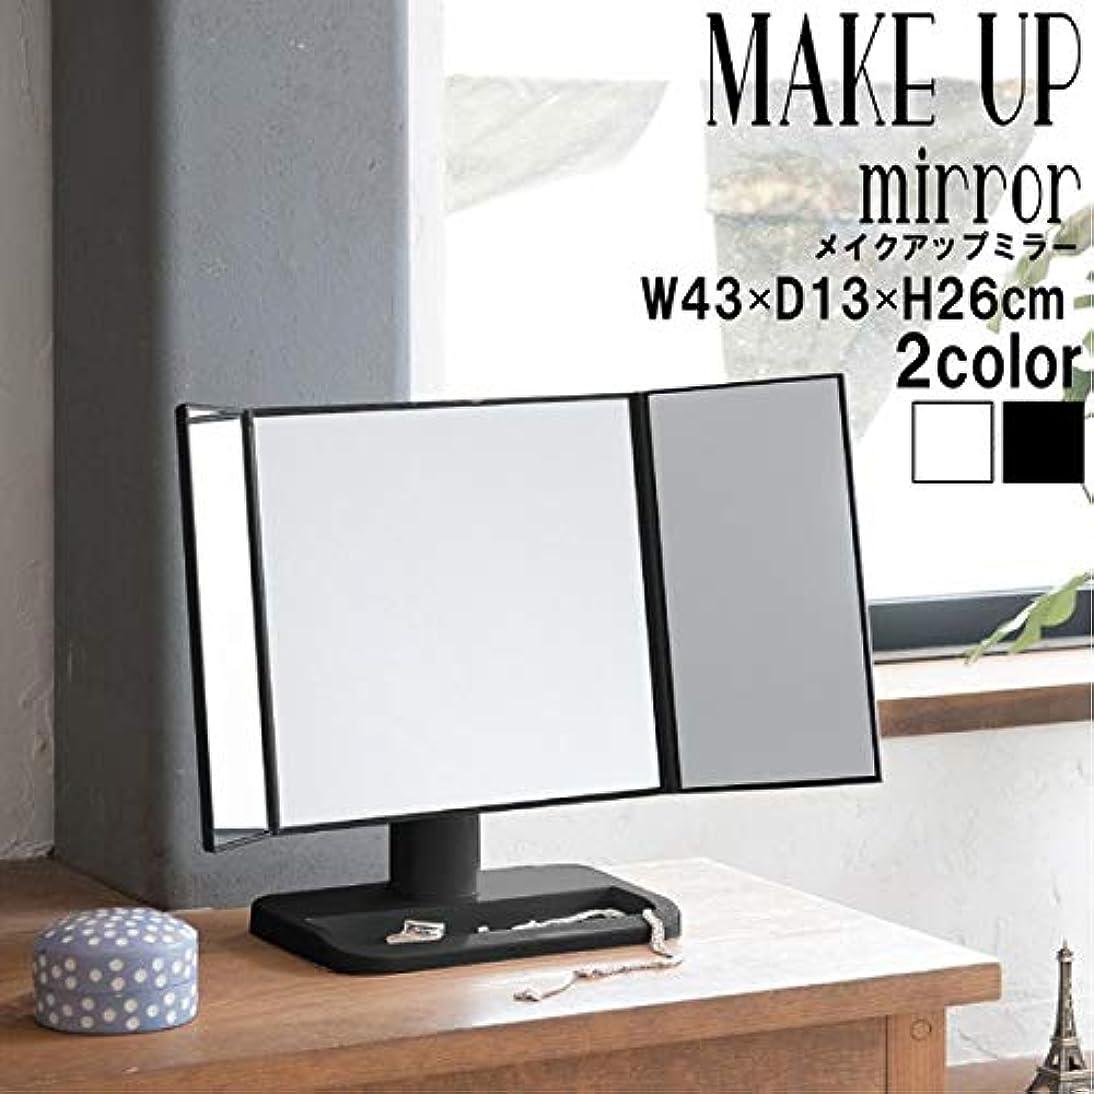 悪因子店員掃除メイクアップミラー(ブラック/黒) 折りたたみ三面鏡/卓上ミラー/飛散防止加工/角度調整可/ワイド/メイク/収納トレイ付き/折り畳み/完成品/NK-242 ds-1520707